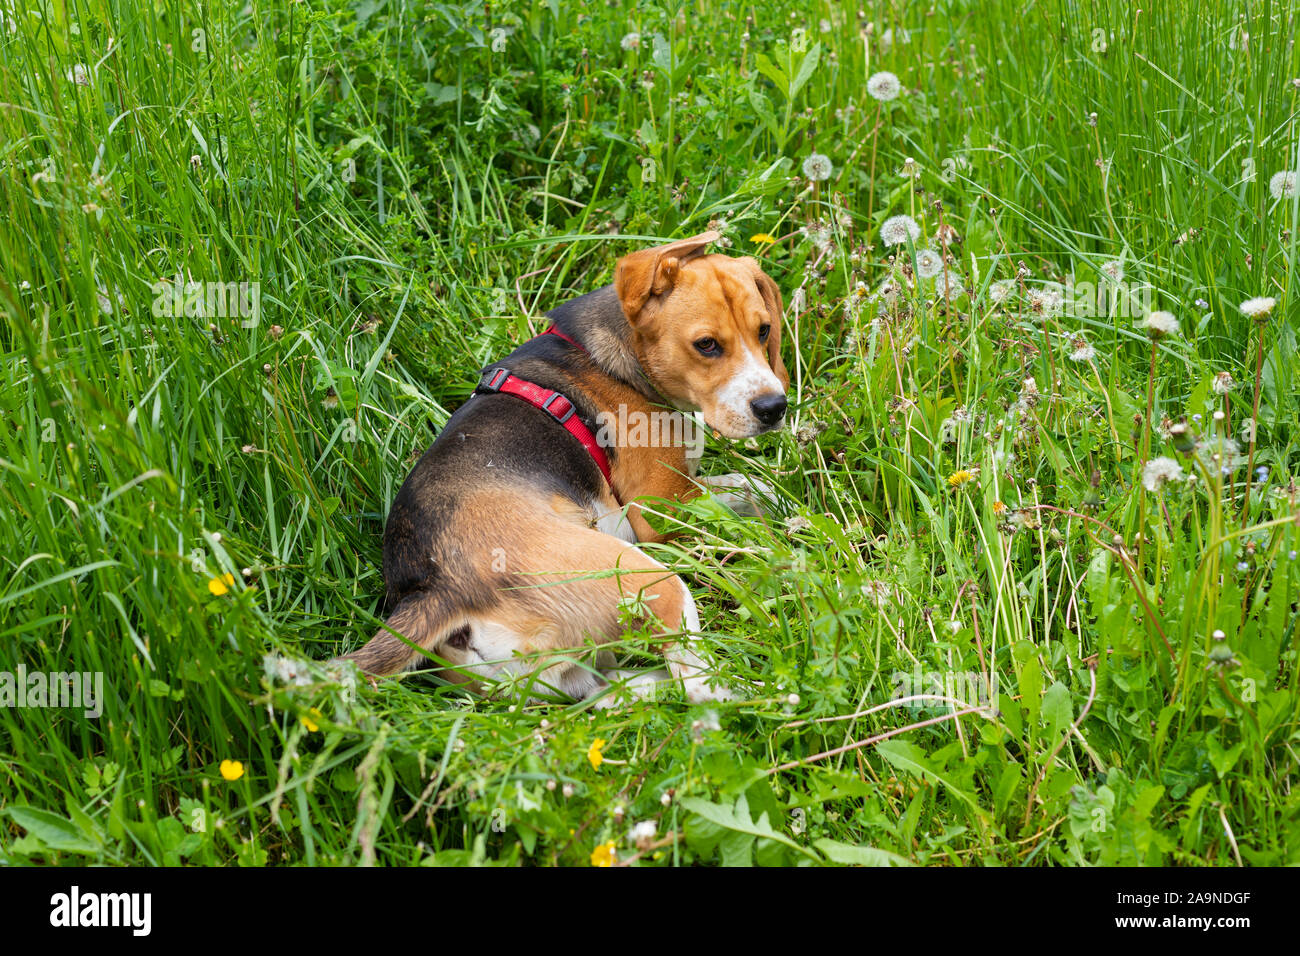 Cachorro beagle tricolor jugando al aire libre en el jardín Foto de stock